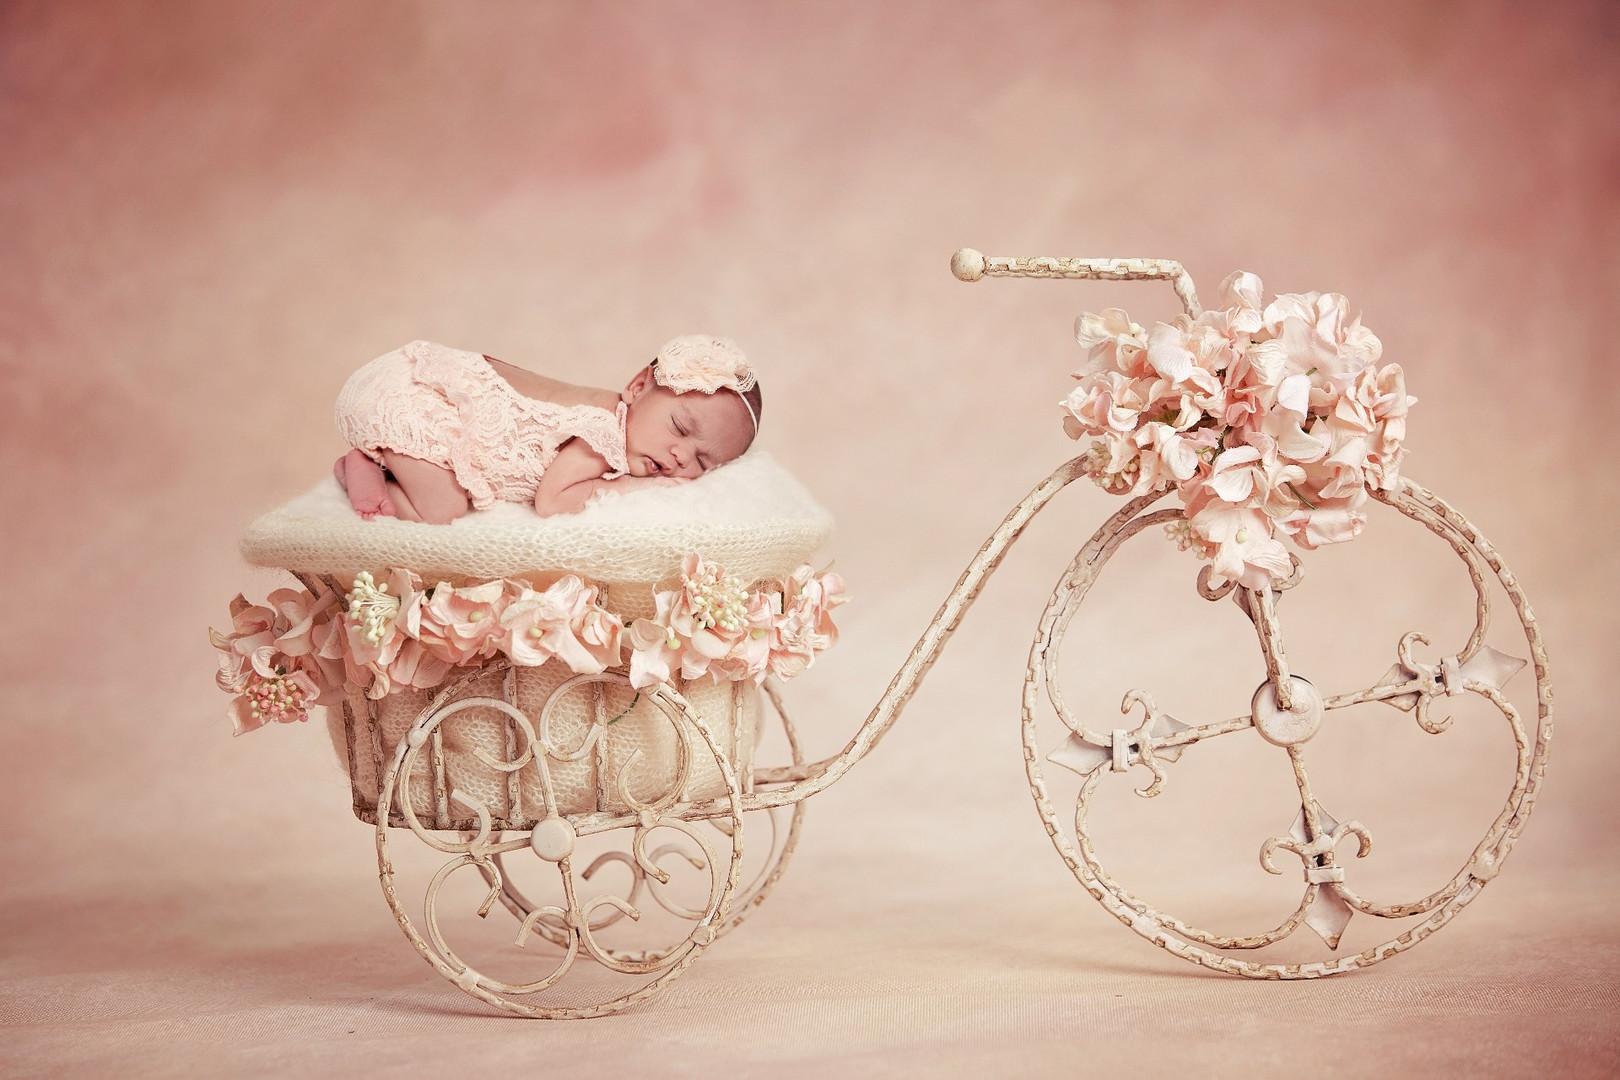 ensaio-recem-nascido